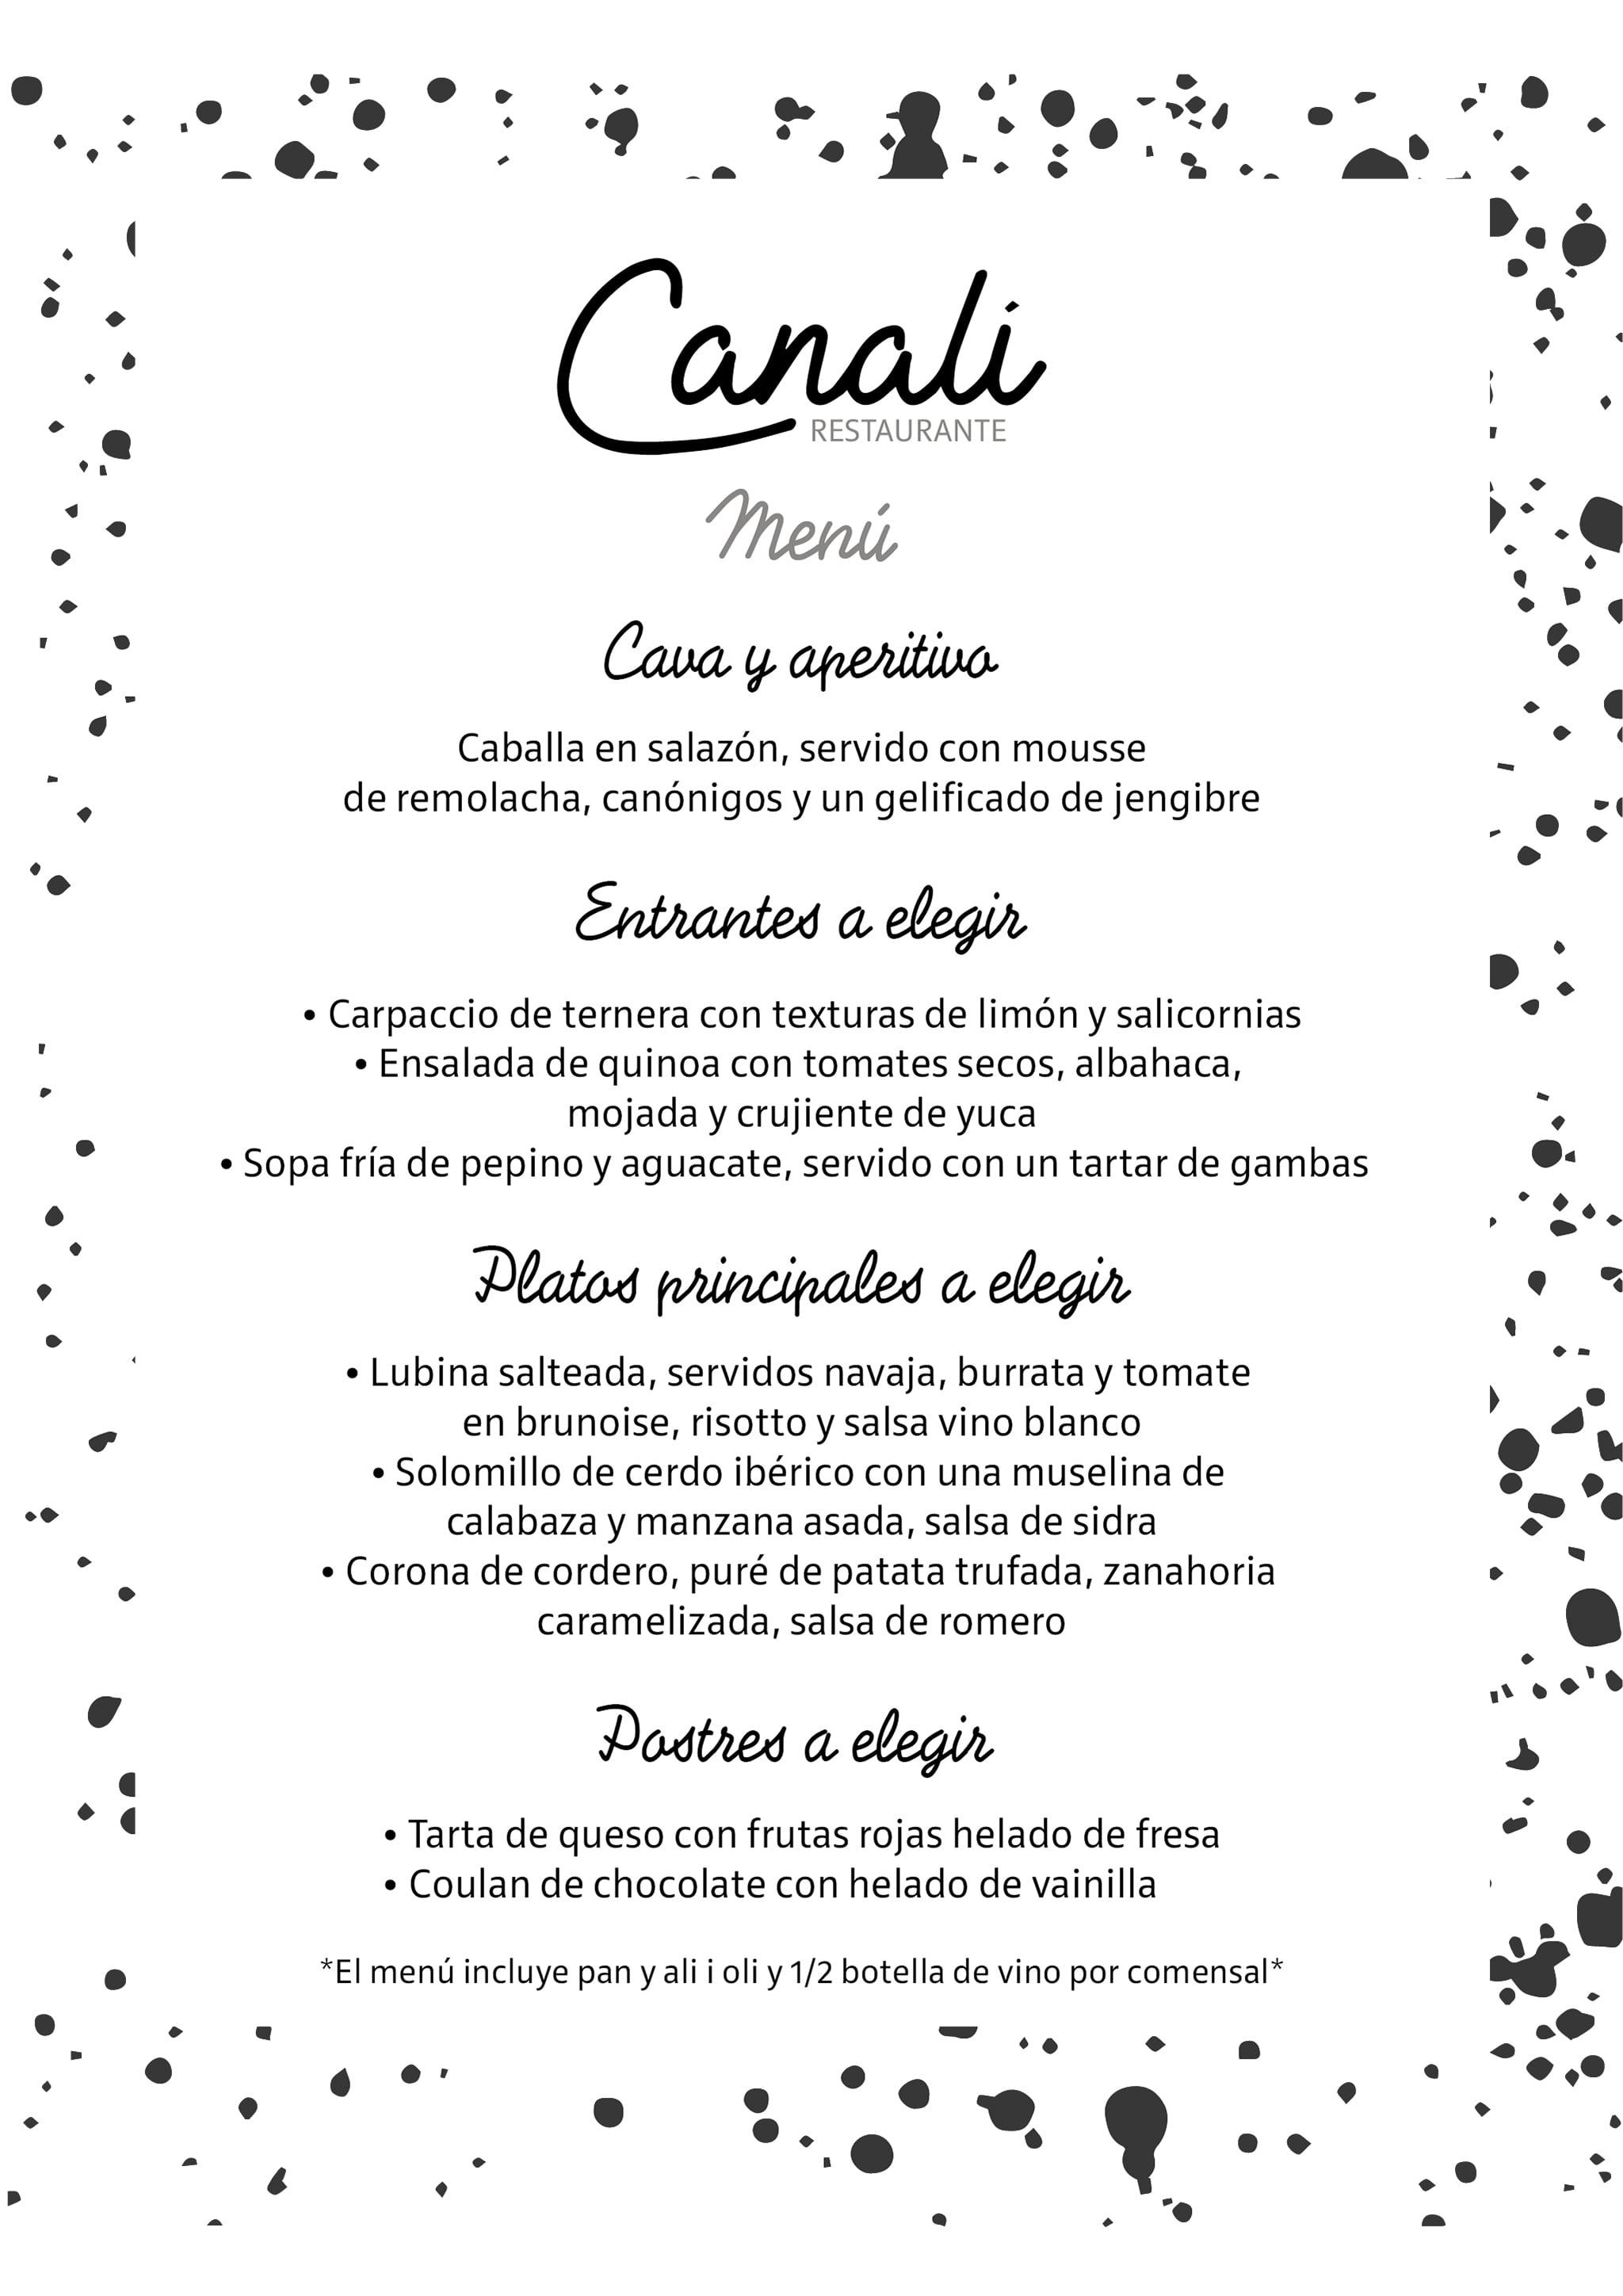 Menú en español – Restaurante Canali